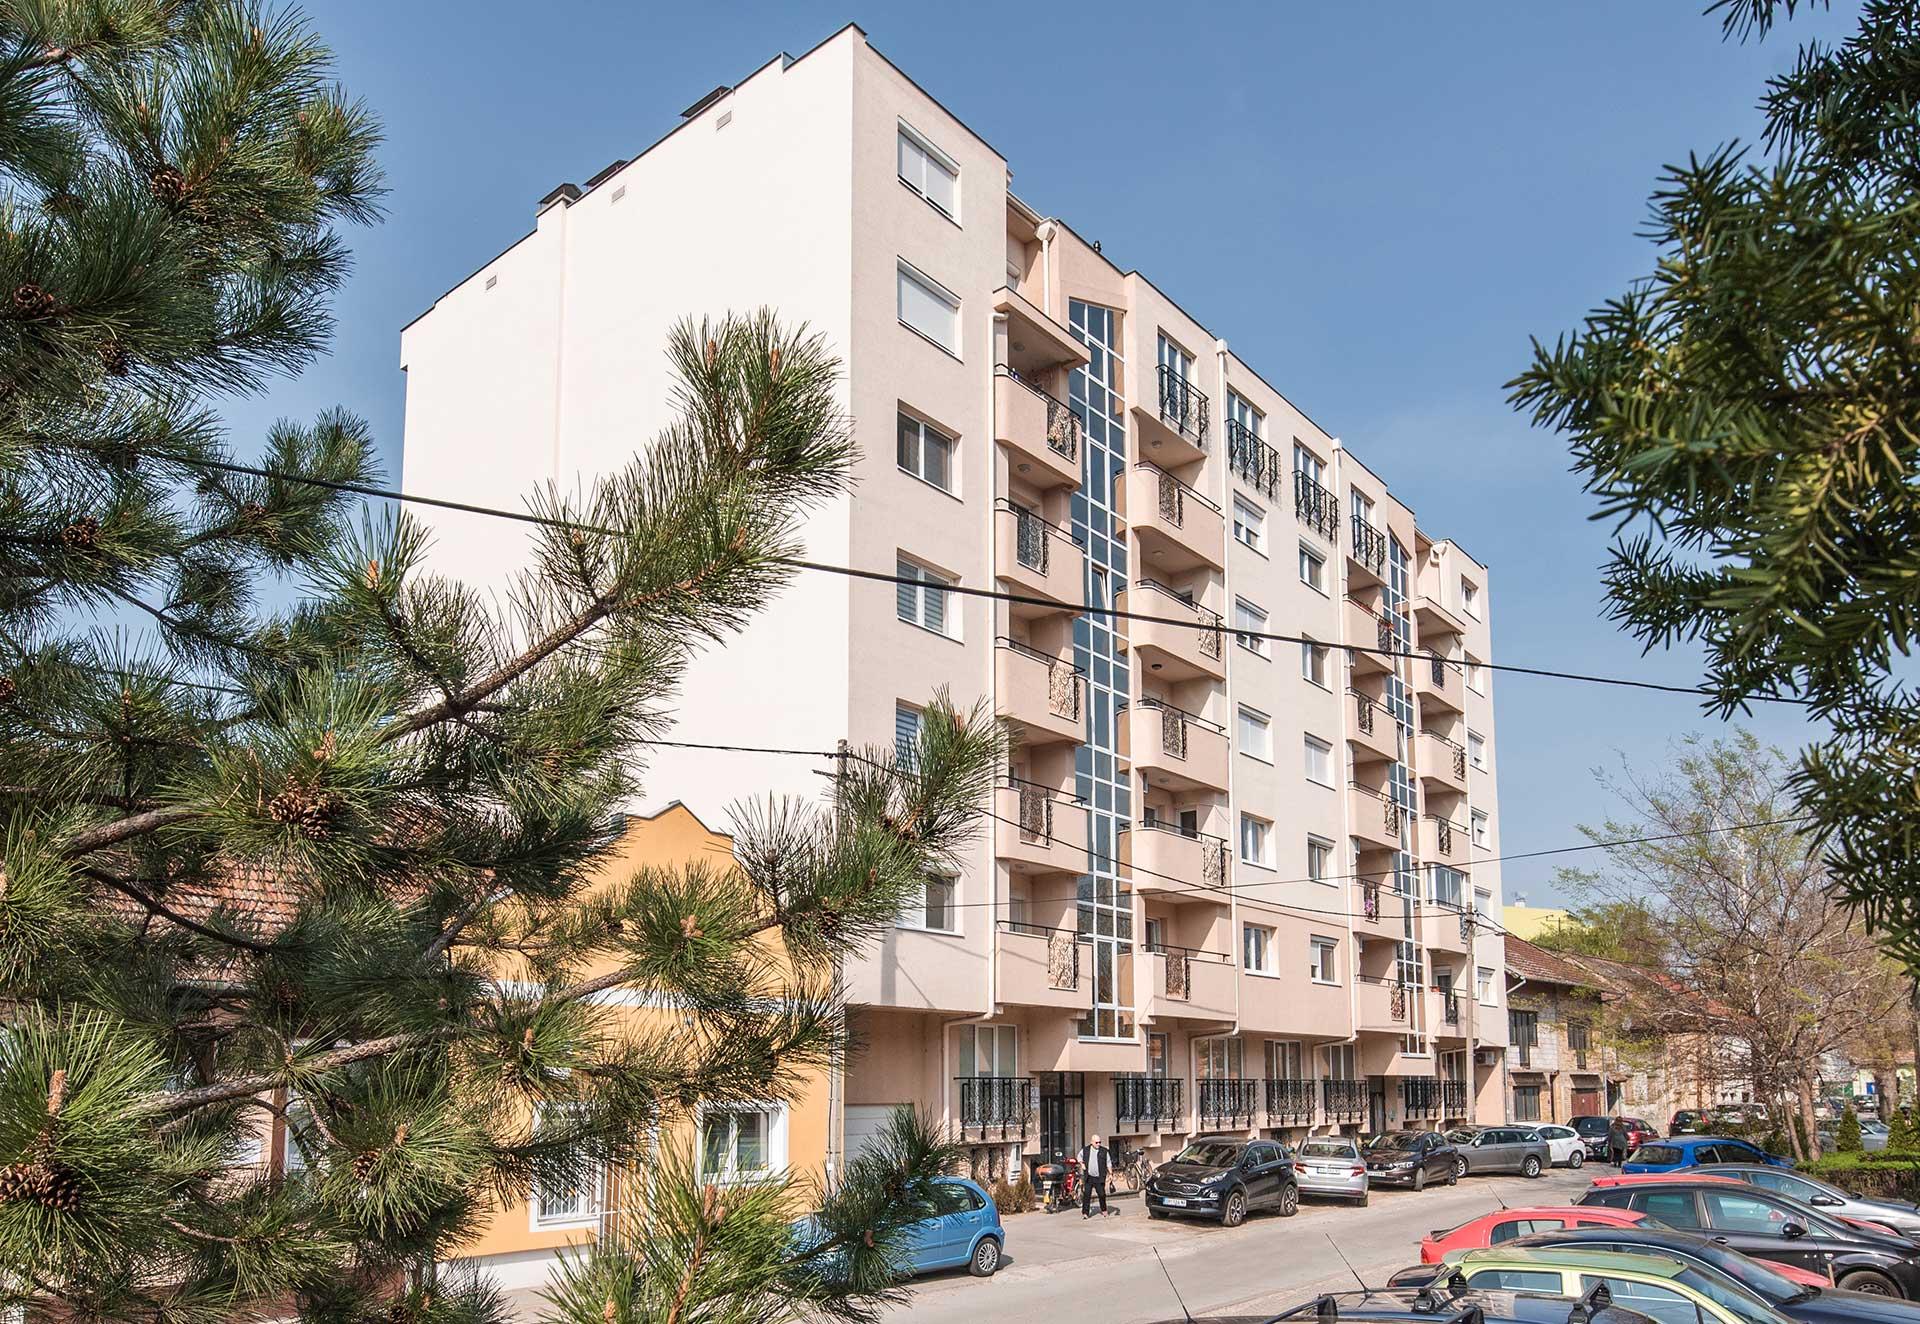 Cenzar nekretnine - Ulica Ivana Broza Subotica - novogradnja - pogled sa ulice